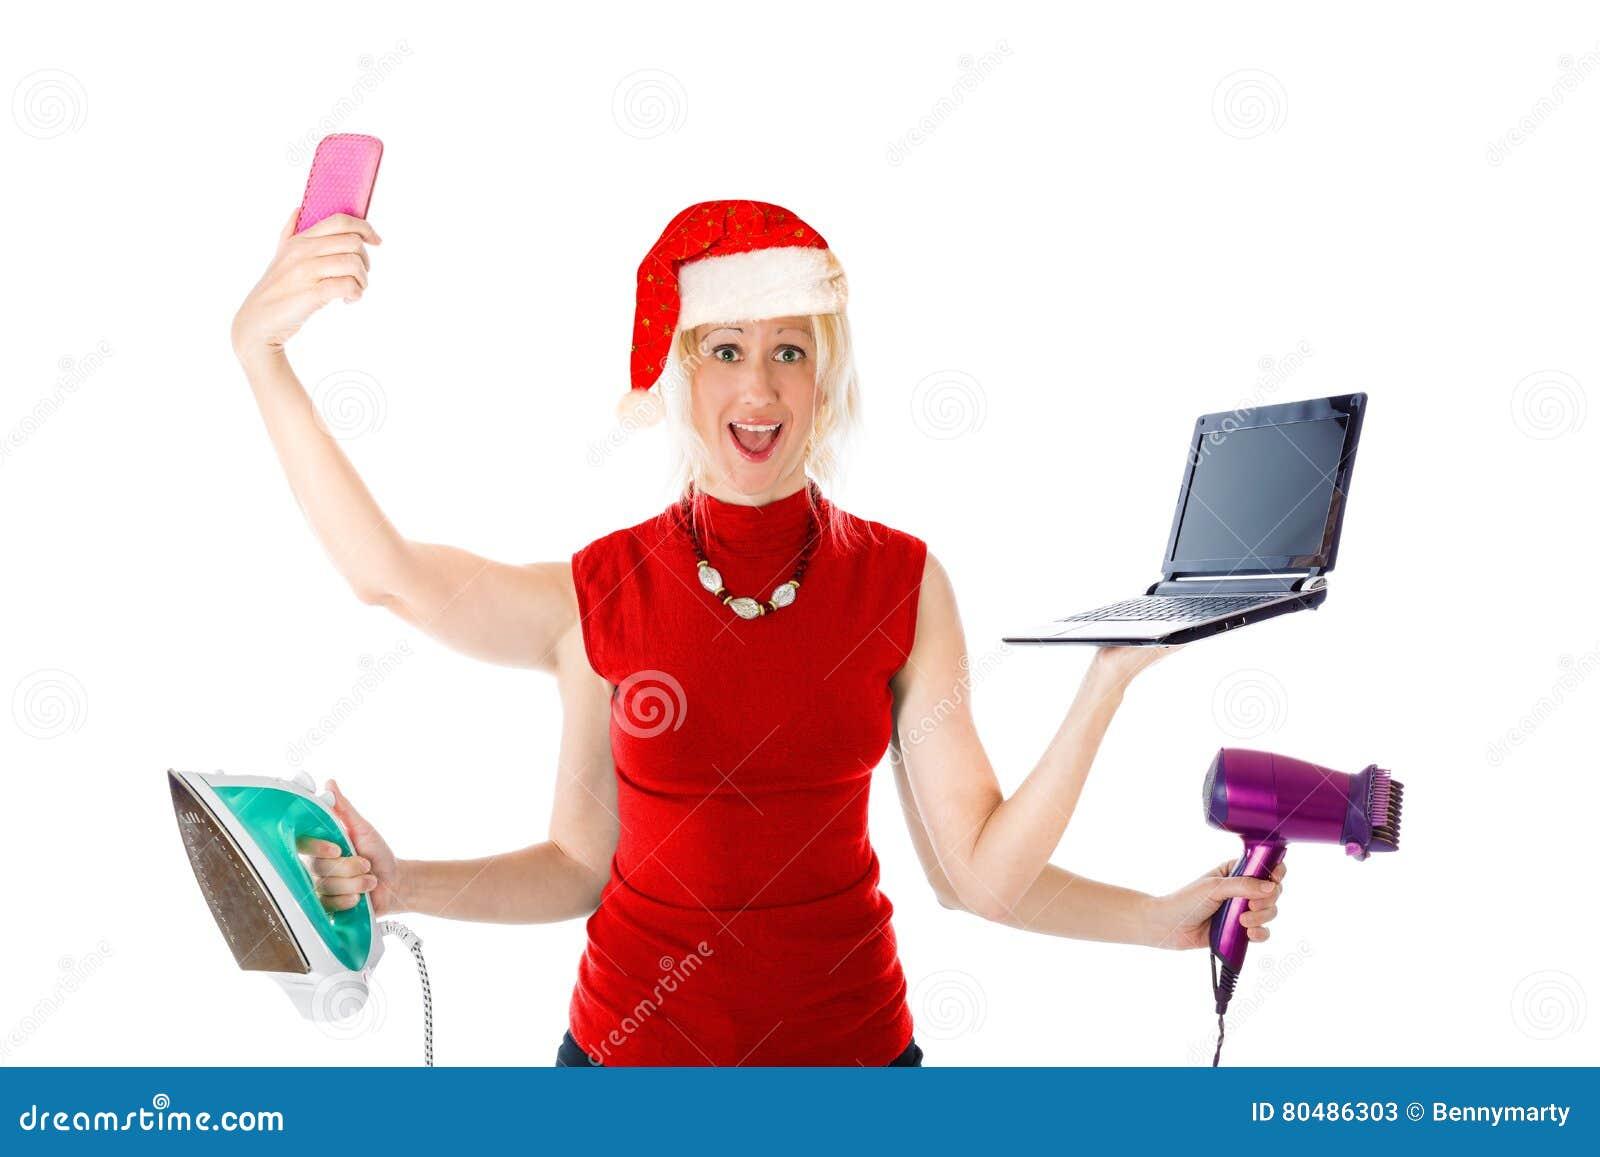 Mehrere Dinge Gleichzeitig Tun Von Santa Claus Stockbild - Bild von ...